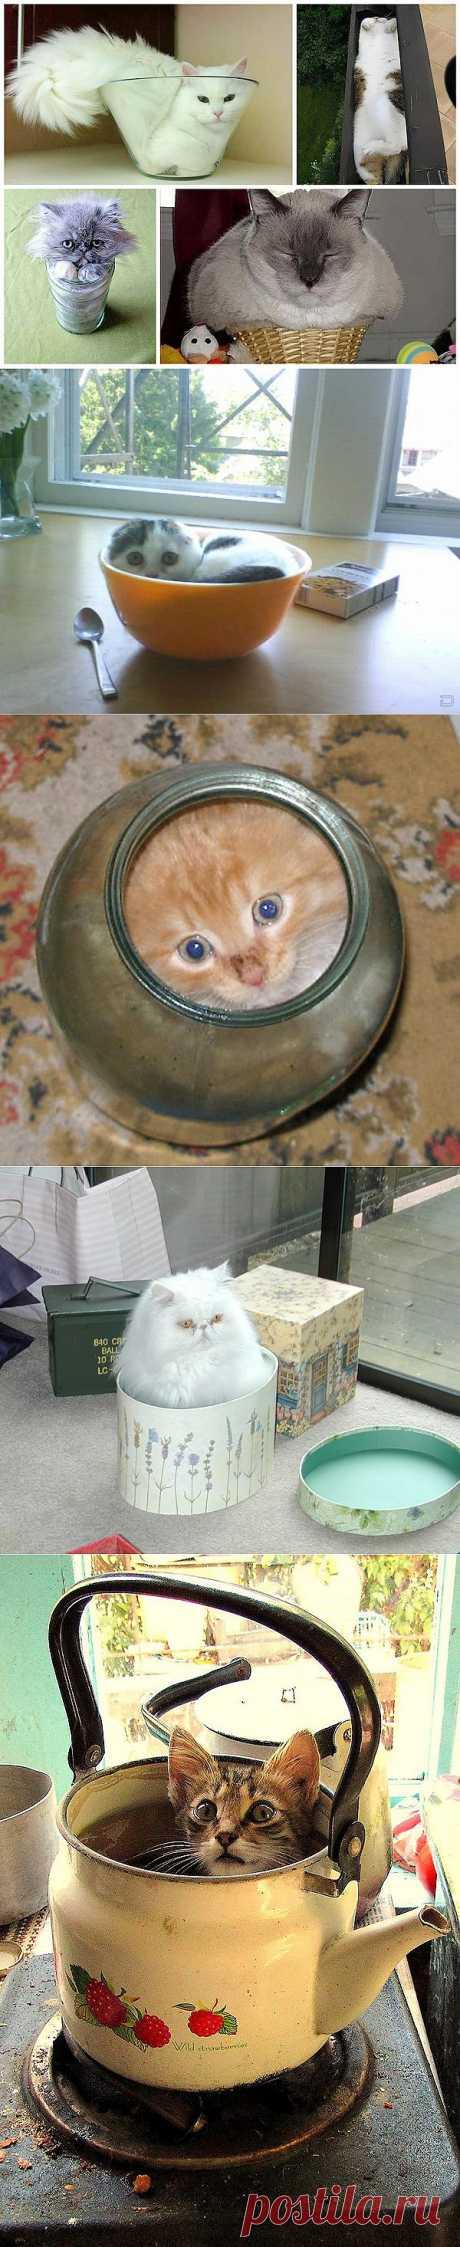 Кошки – это жидкость, есть доказательства : НОВОСТИ В ФОТОГРАФИЯХ